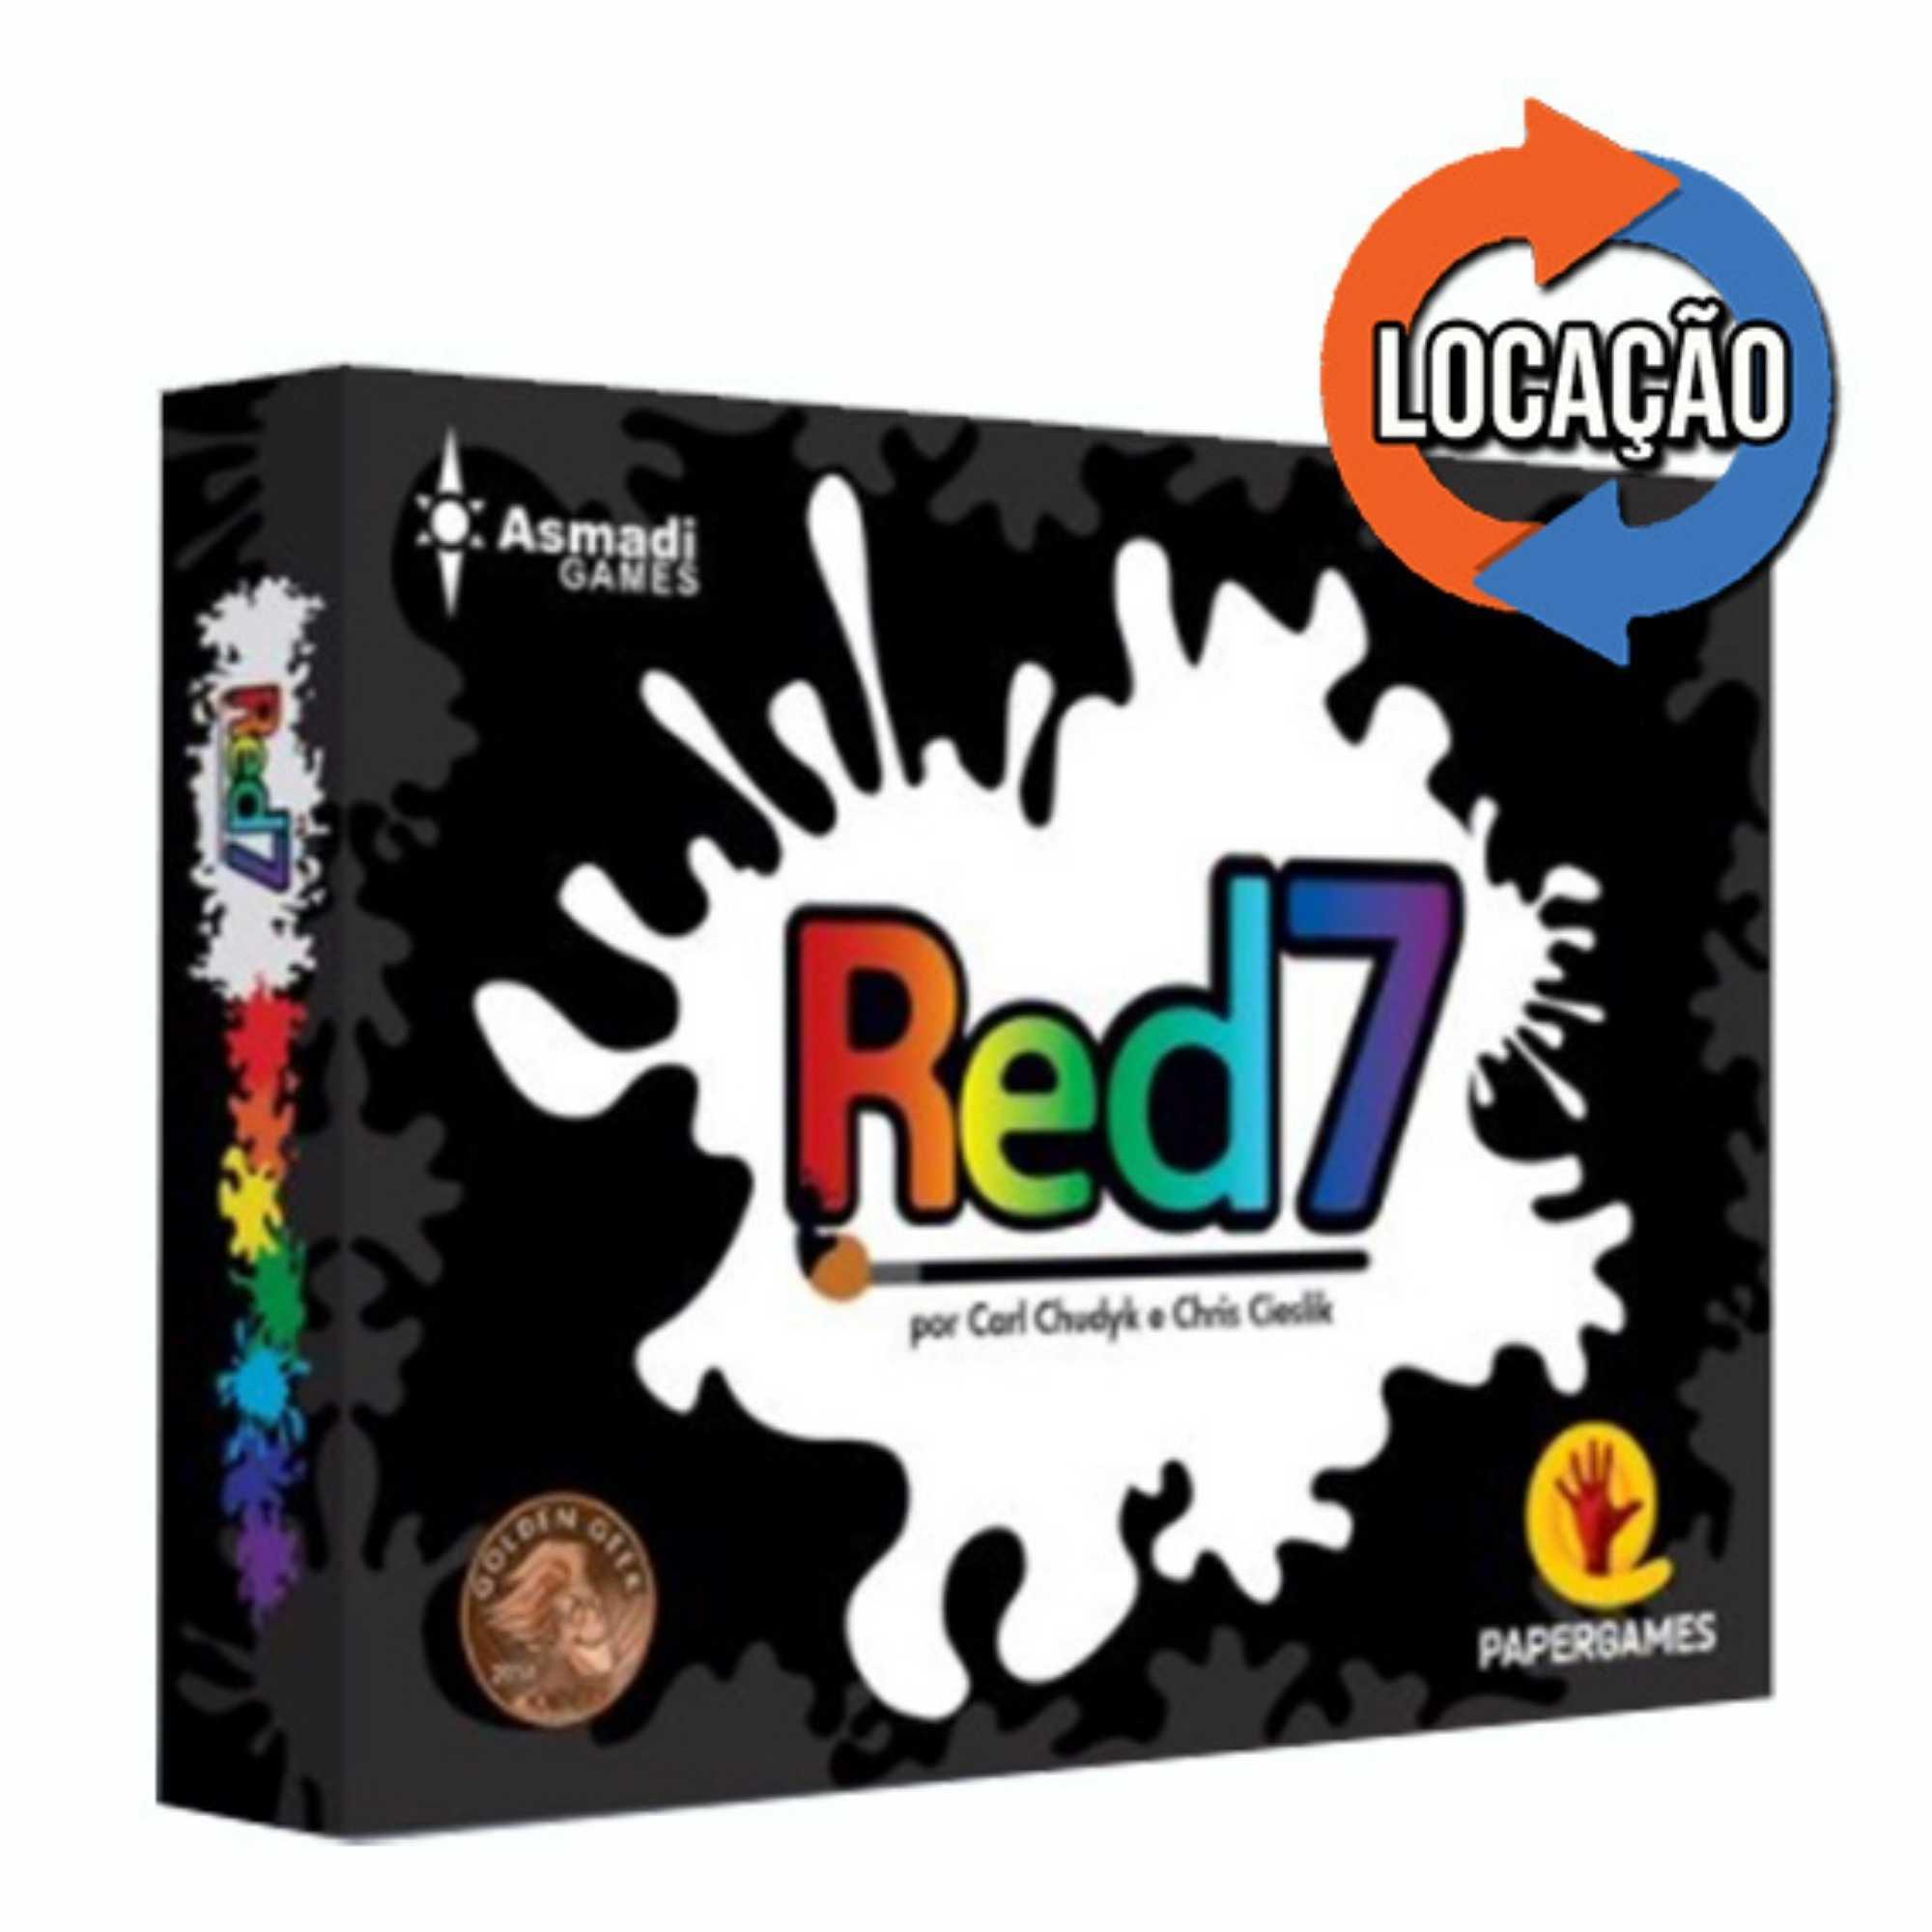 Red7 (Locação)